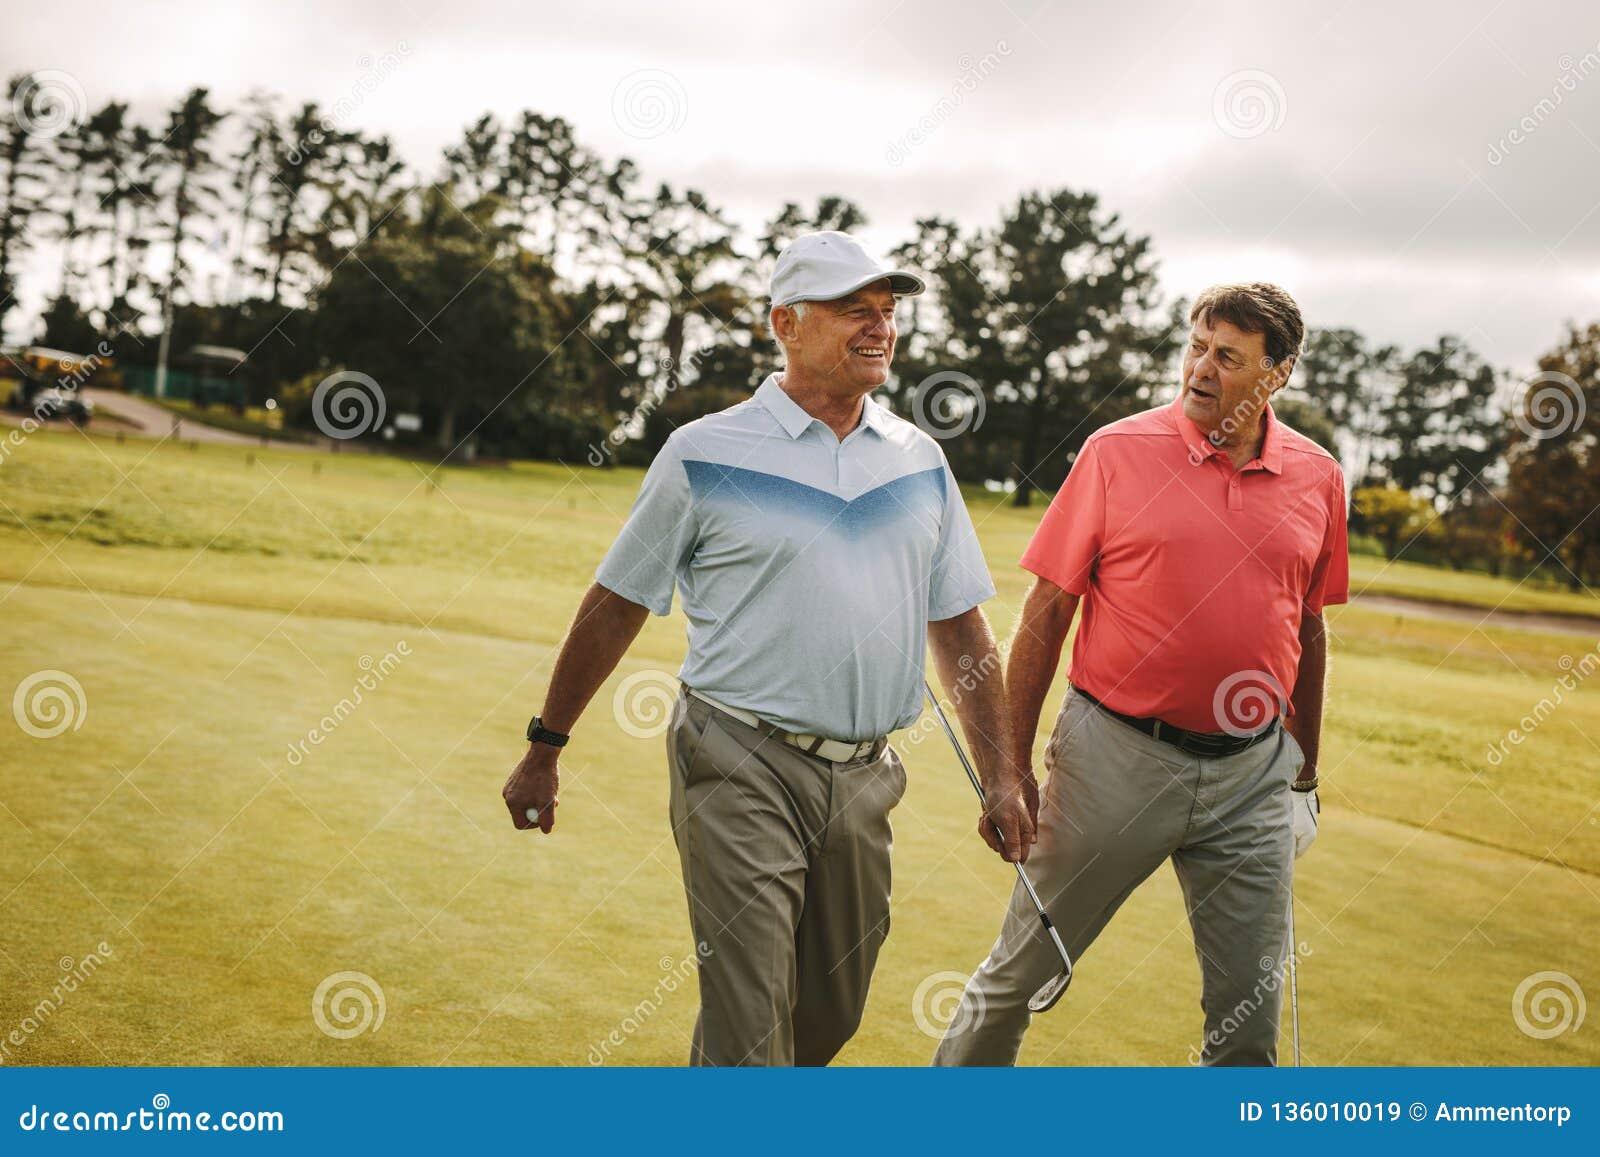 走到下个孔的资深高尔夫球运动员